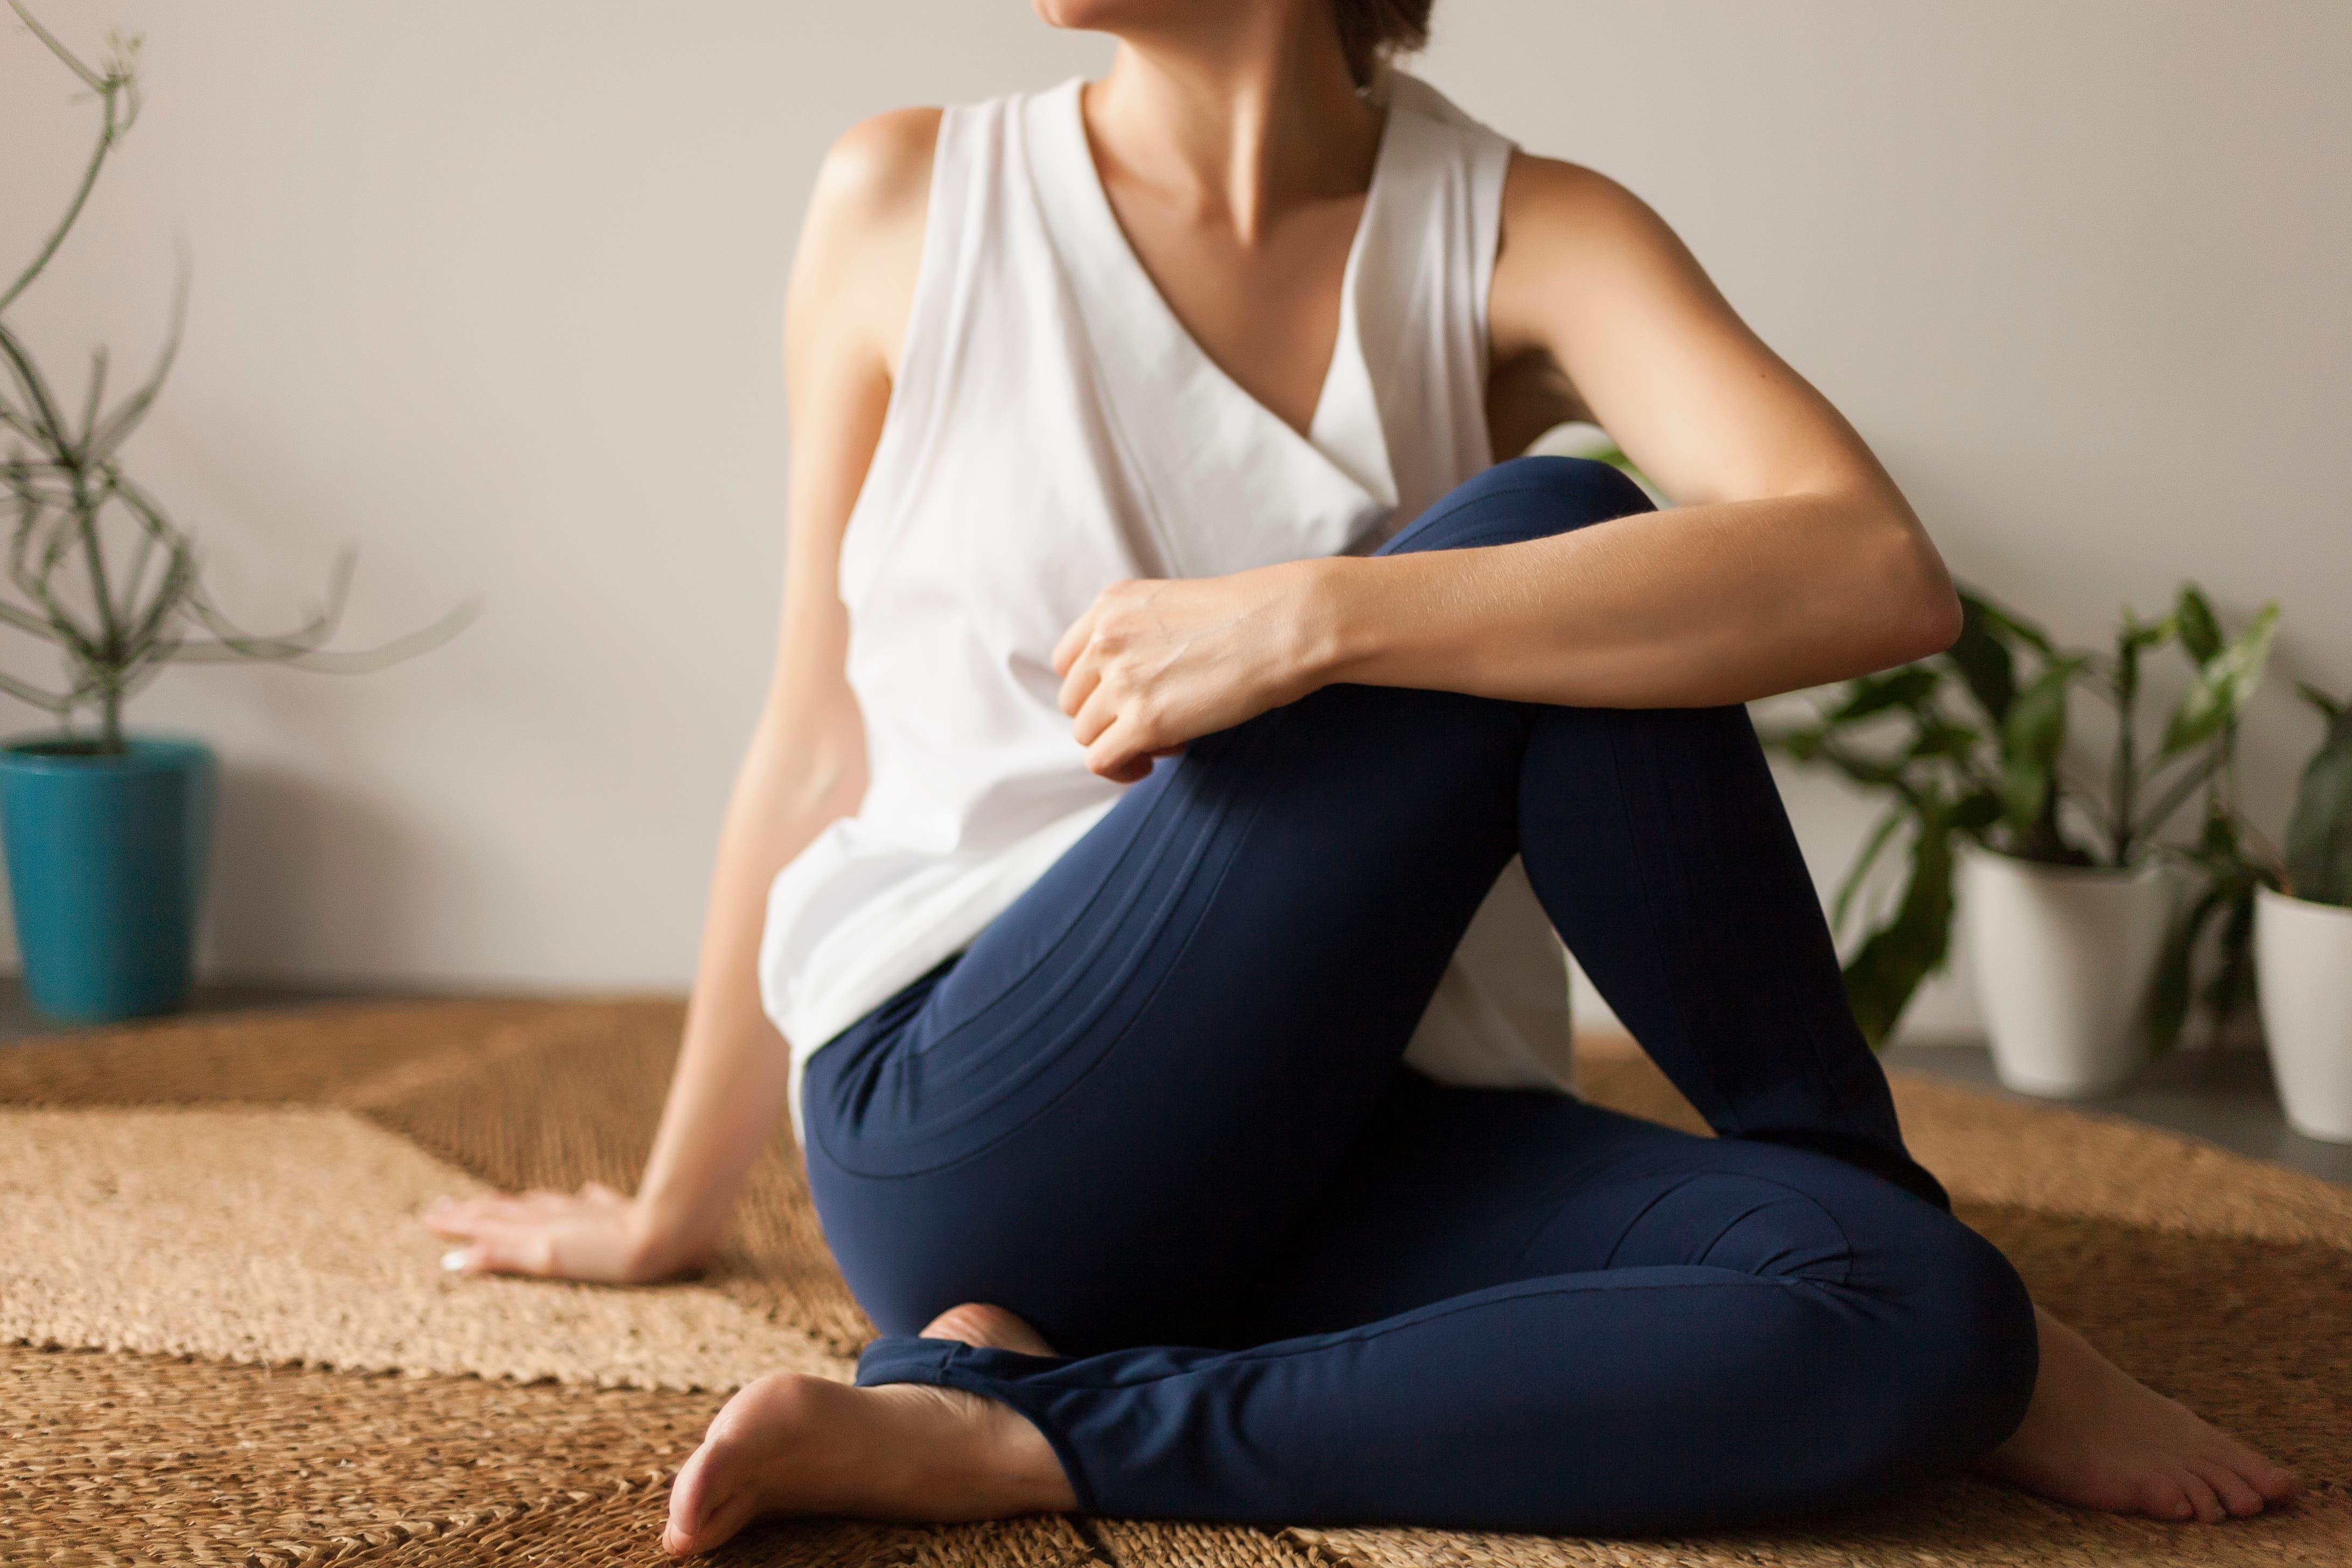 11 cosas que seguro no sabías y deberías leer antes de empezar yoga - LA  NACION 10bbe8f70c7f